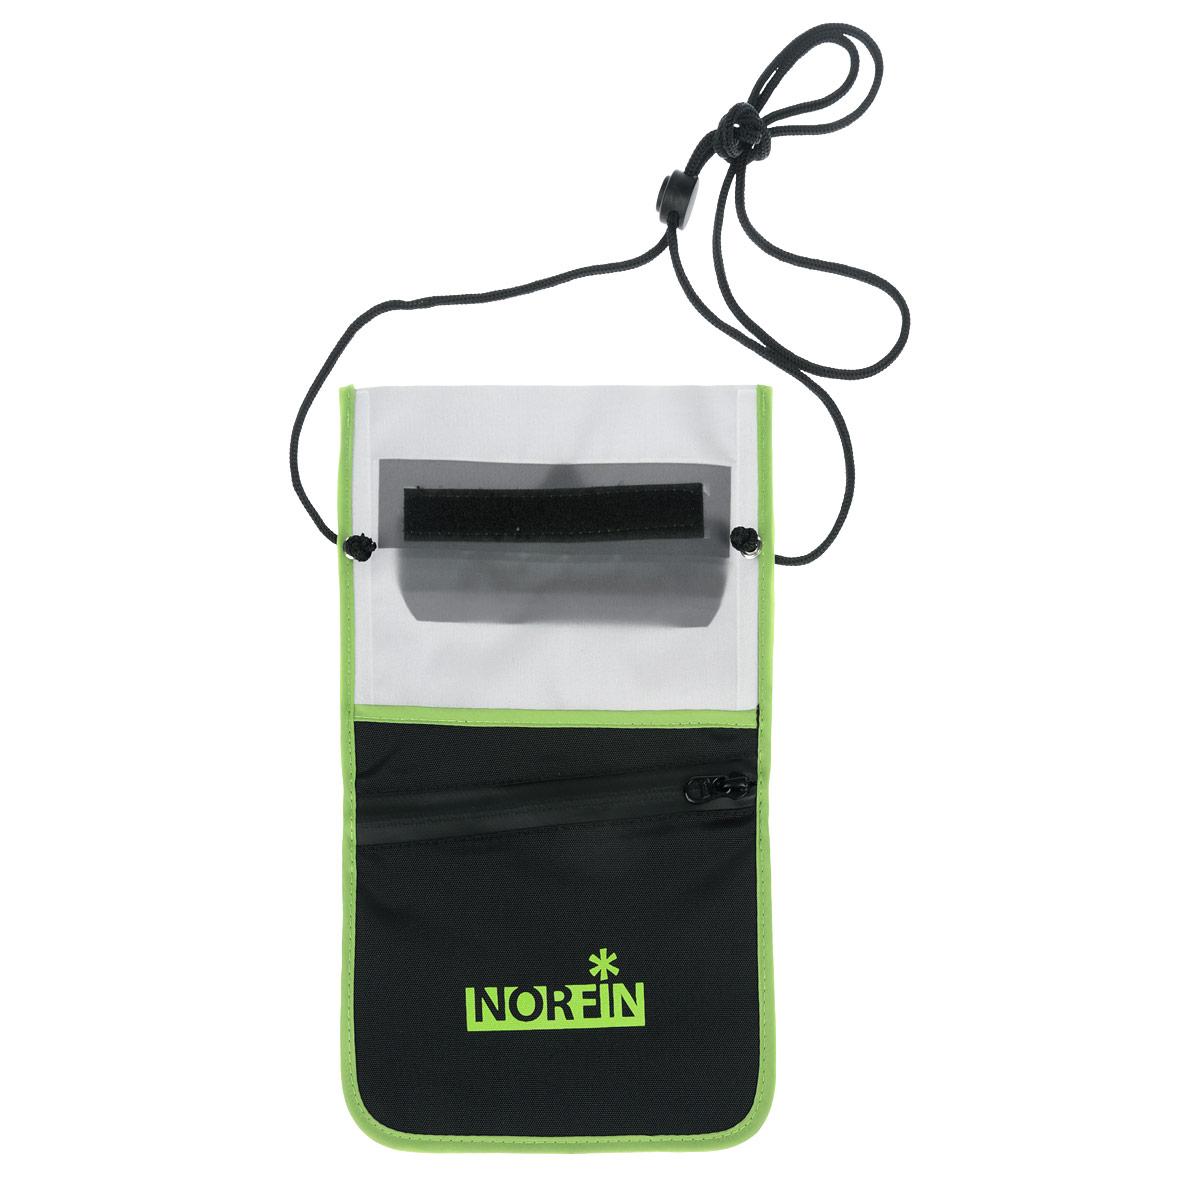 Гермочехол Norfin Dry Case 03, цвет: серый, черный, 28 см х 17 смNF-40308Гермочехол нагрудный Norfin Dry Case 03 предназначен для защиты небольших предметов от воды: документы, телефон, планшет-мини. Особенности: Идеален для защиты планшетов-мини с размером диагонали до 7,9. Пленка гермочехла чувствительна к теплу рук, можно пользоваться планшетом не вынимая его из чехла. Два кармана на задней стороне сумки, один из которых с водонепроницаемой молнией.